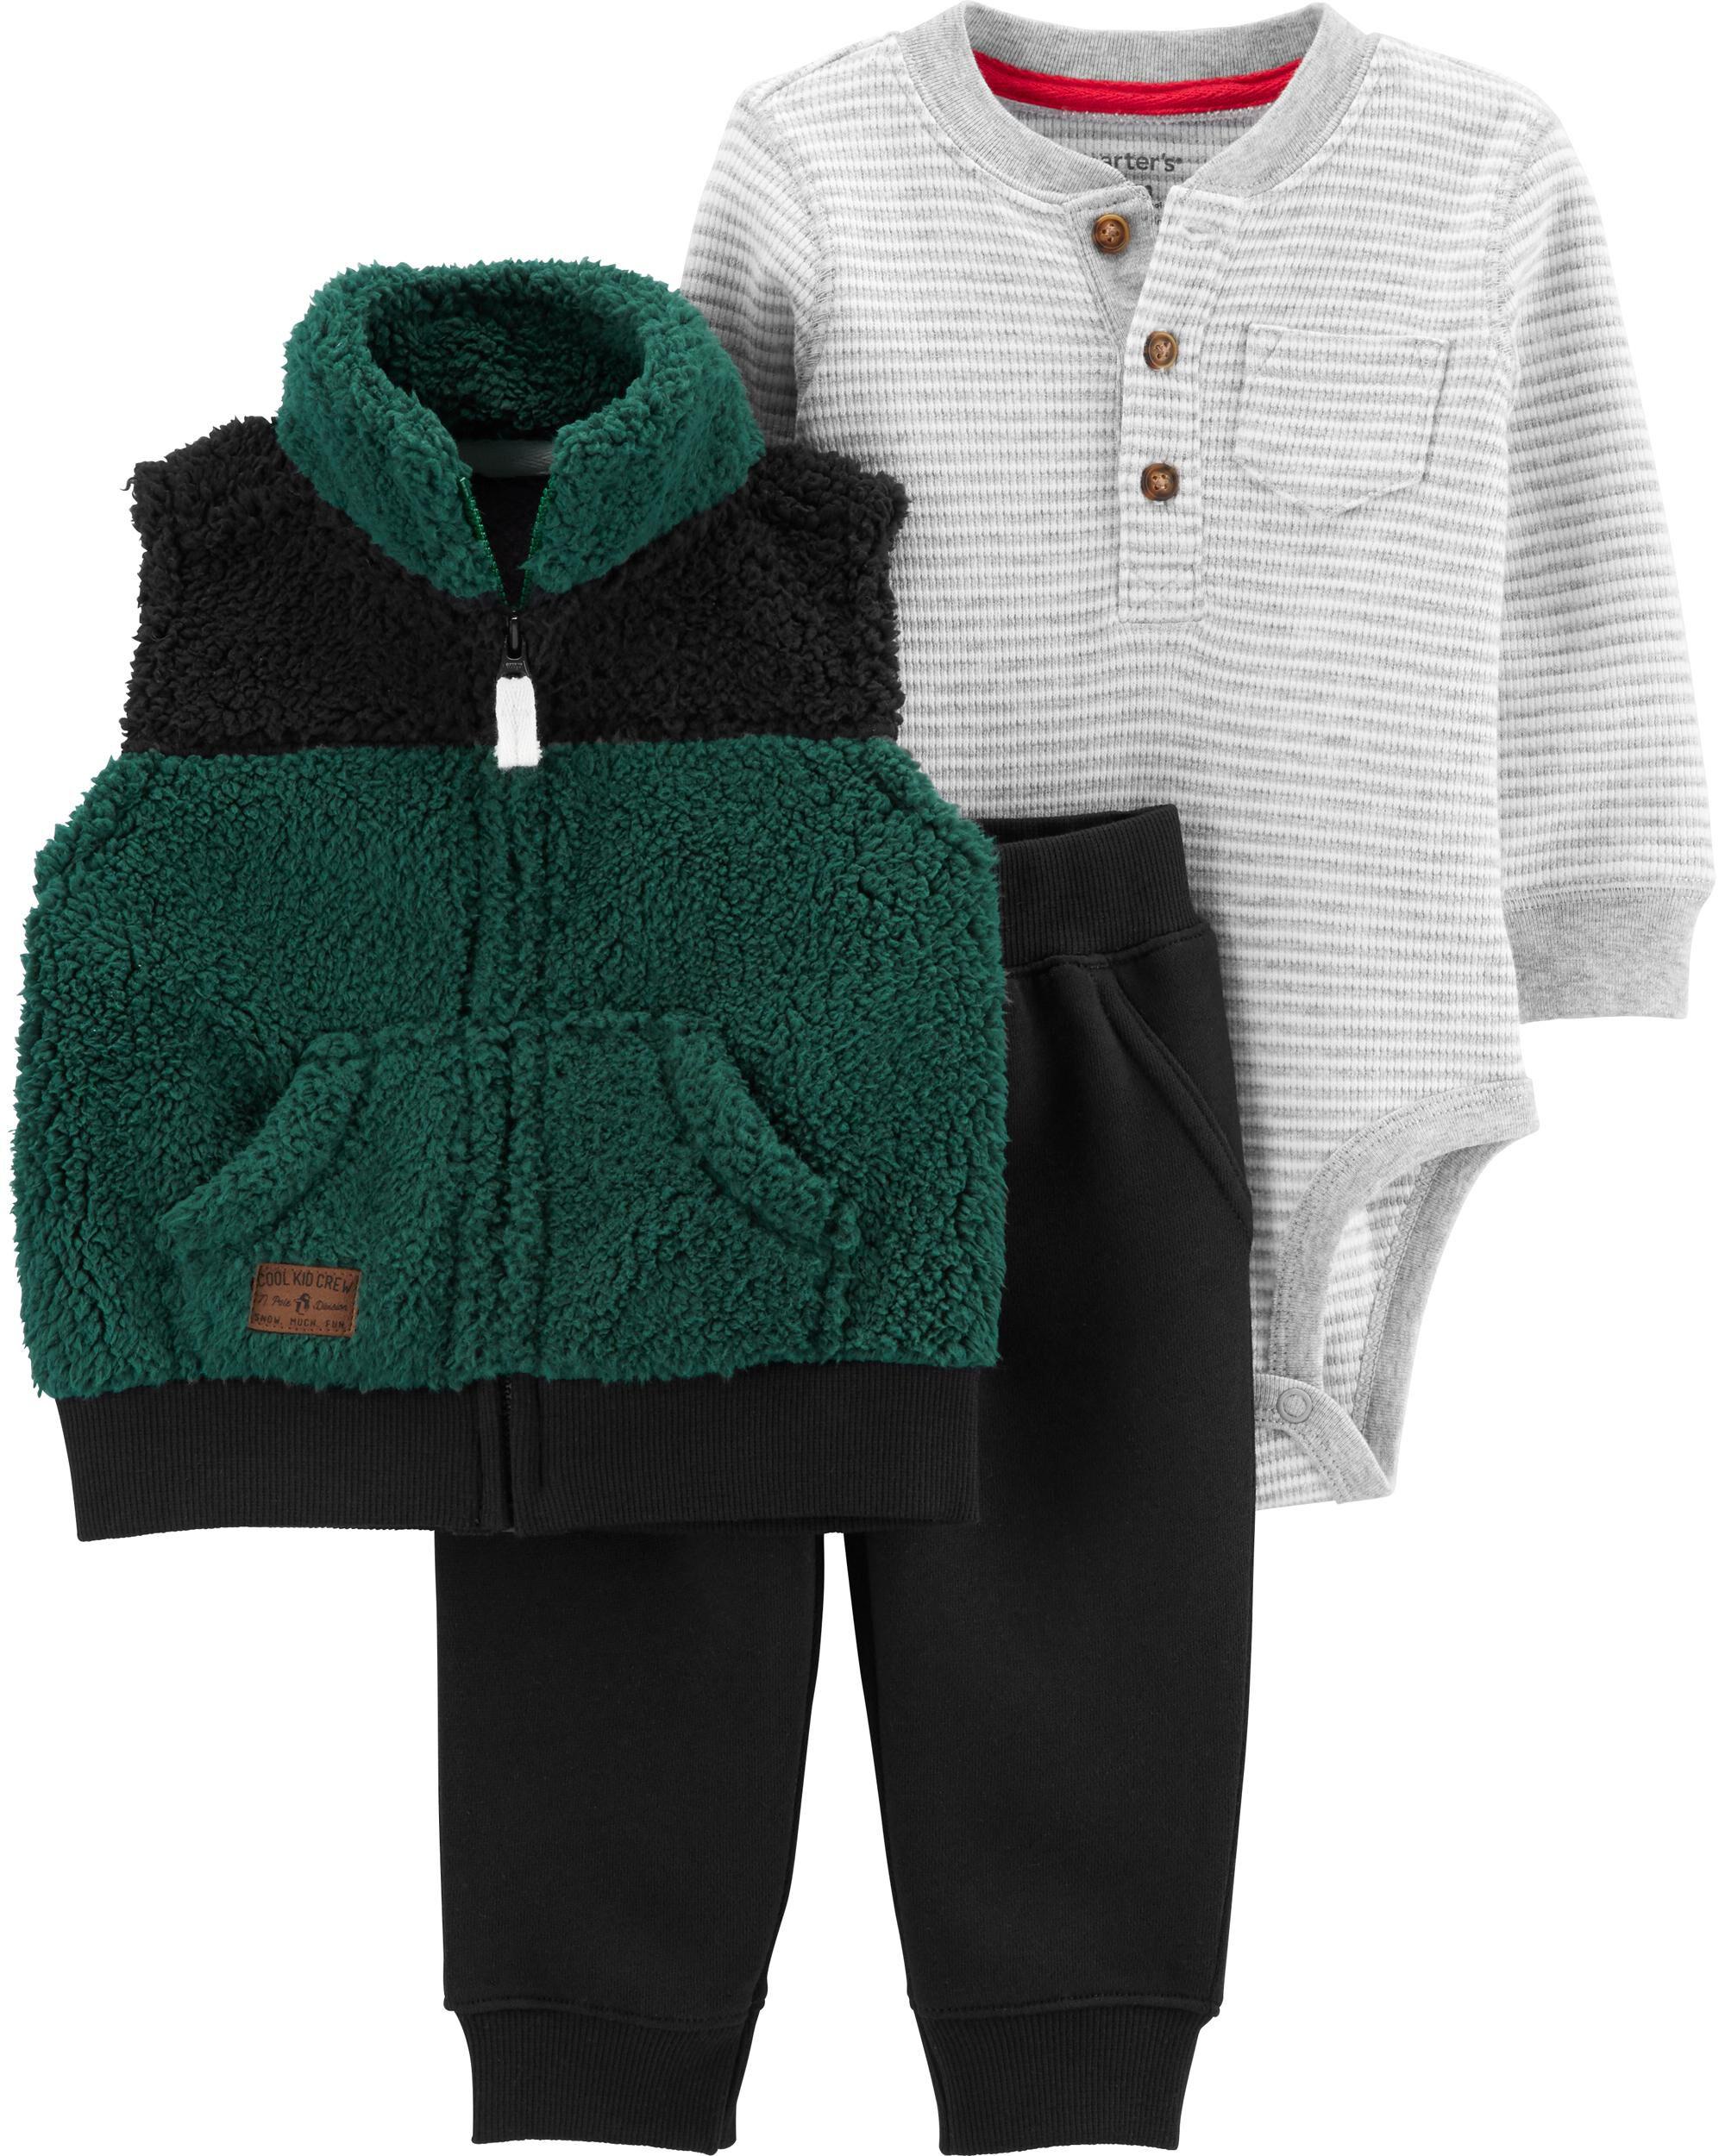 *CLEARANCE* 3-Piece Little Vest Set